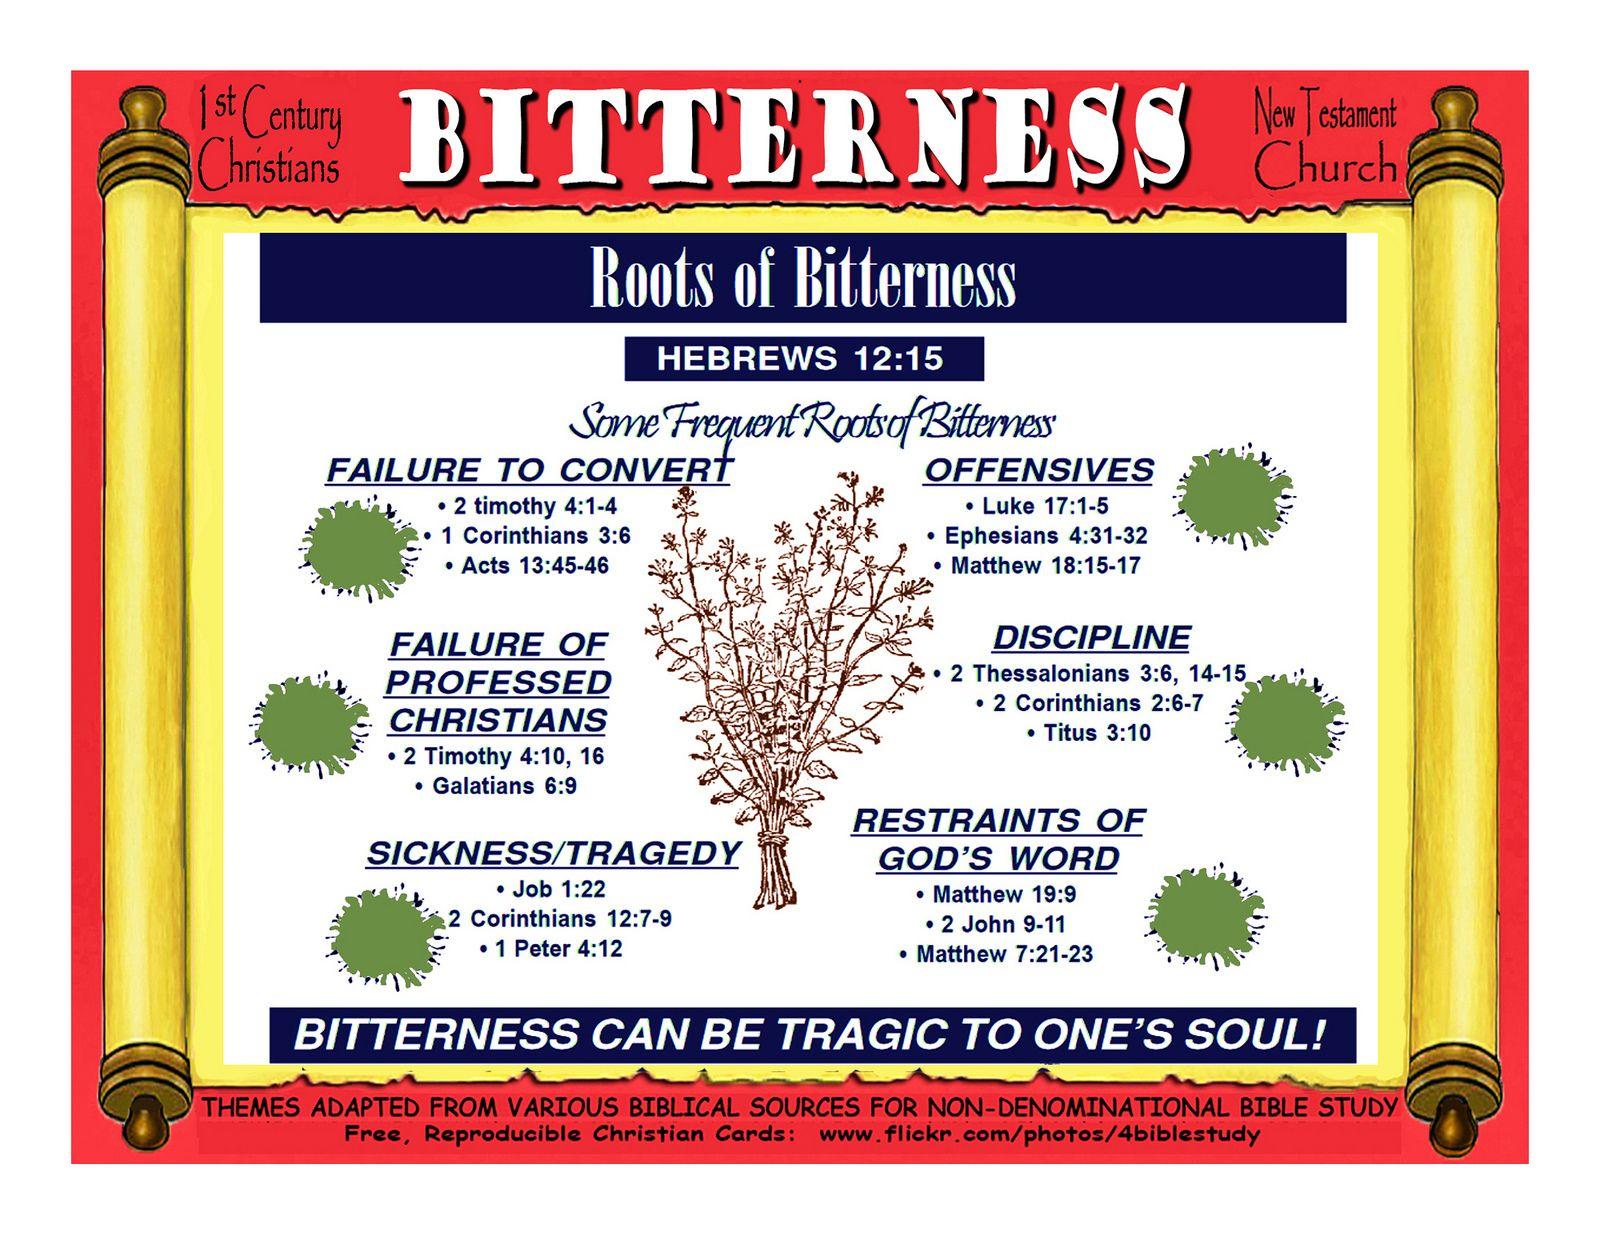 Bitterness 1st Century Christians New Testament Church